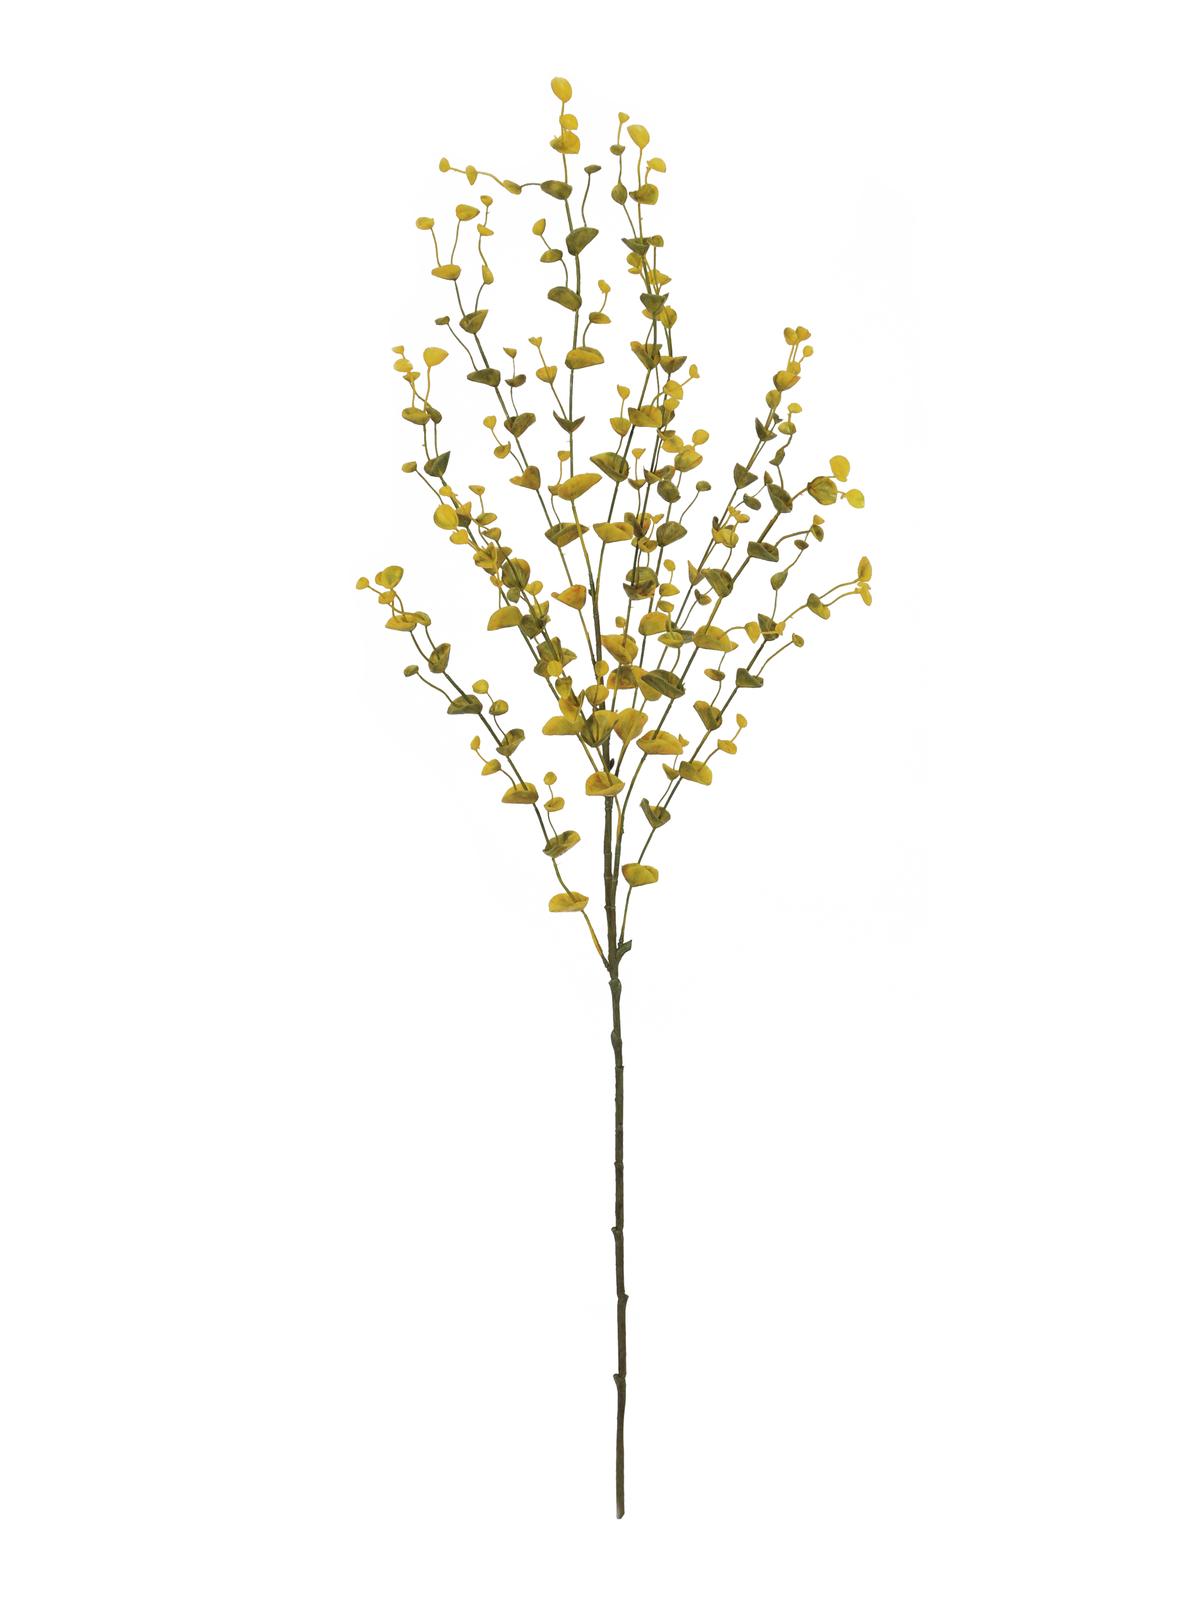 EUROPALMS Eukalyptuszweig, künstlich, gelb-grün, 110cm